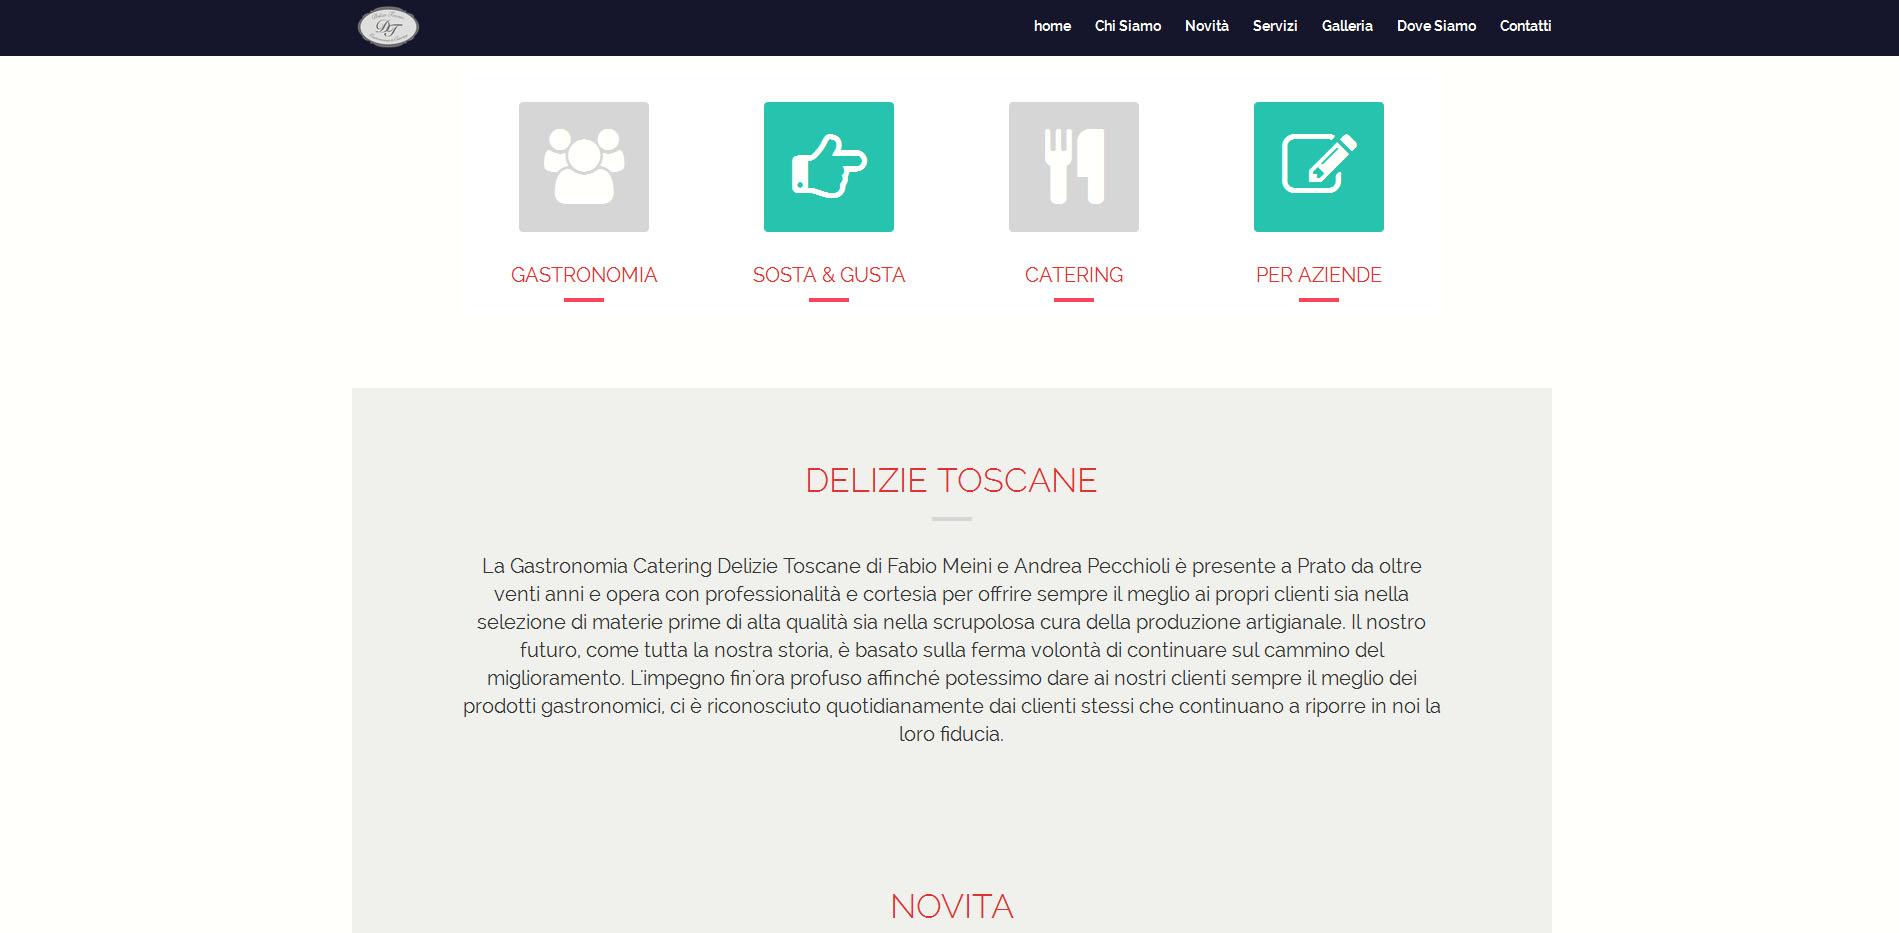 Delizie Toscane